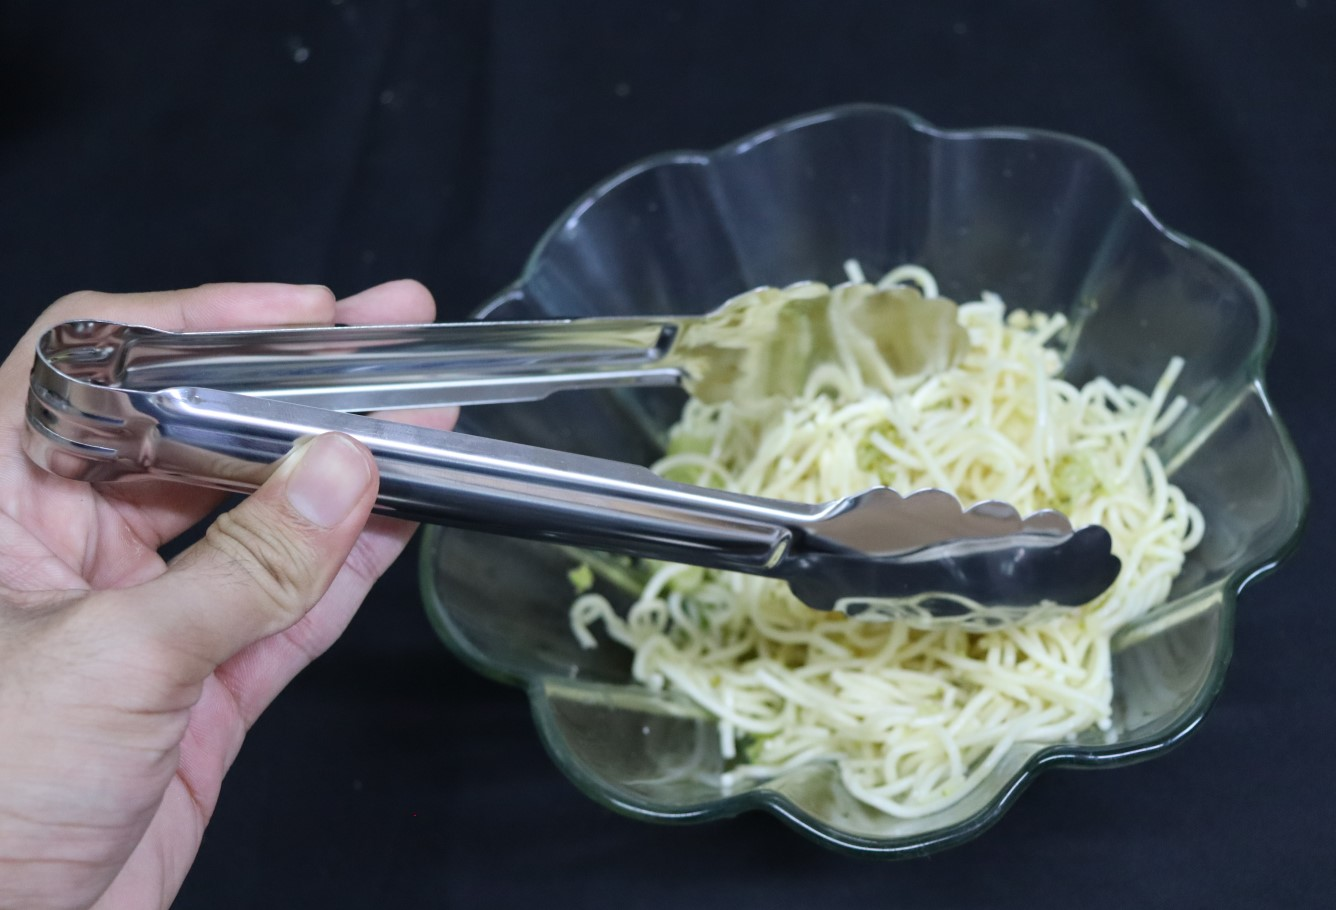 Pegador churrasco macarrão massas carne salada cozinha pinça culinaria 23cm aço inox